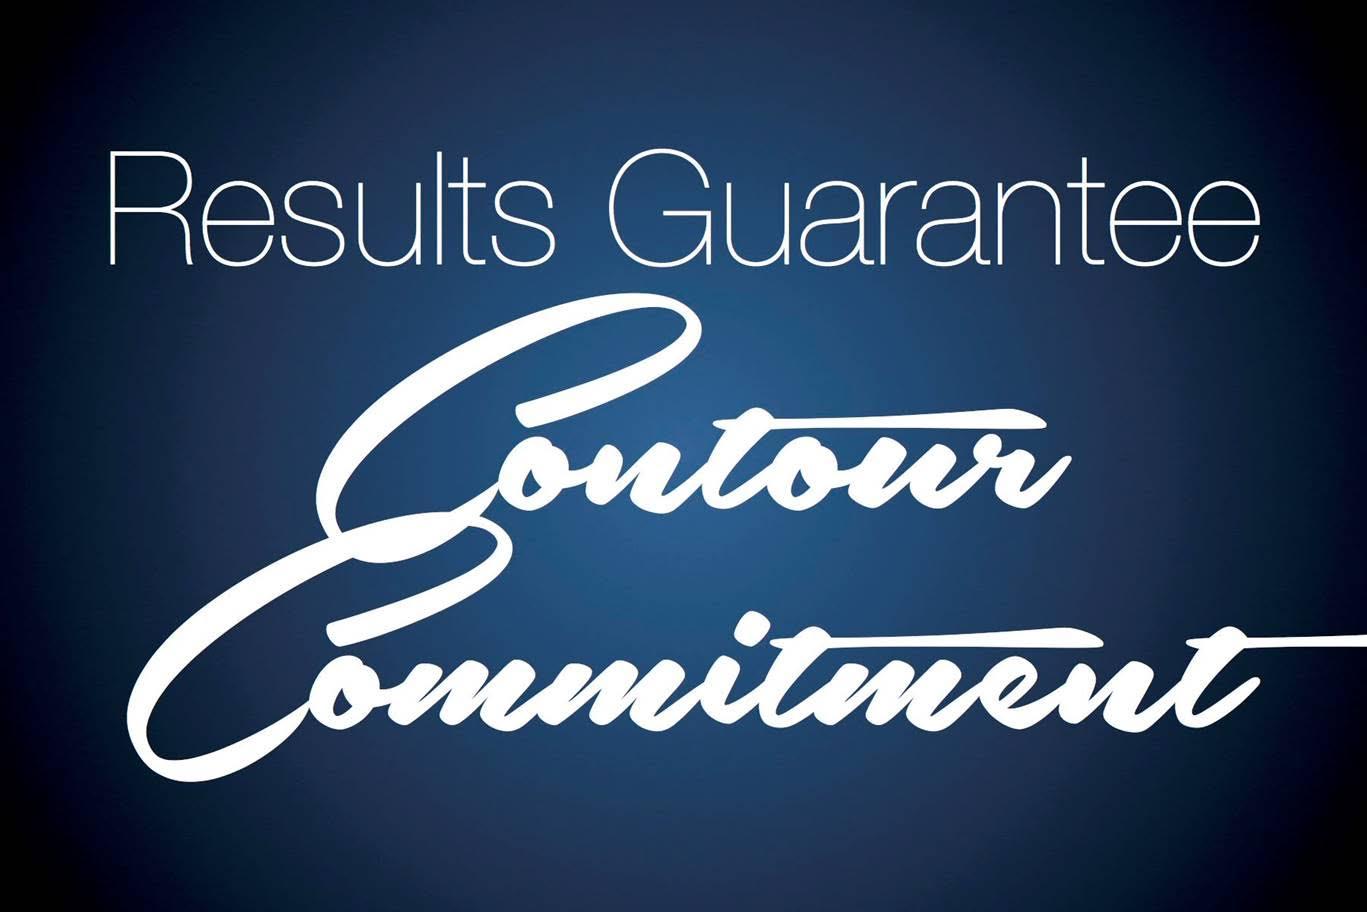 Box_Contour_Commitment